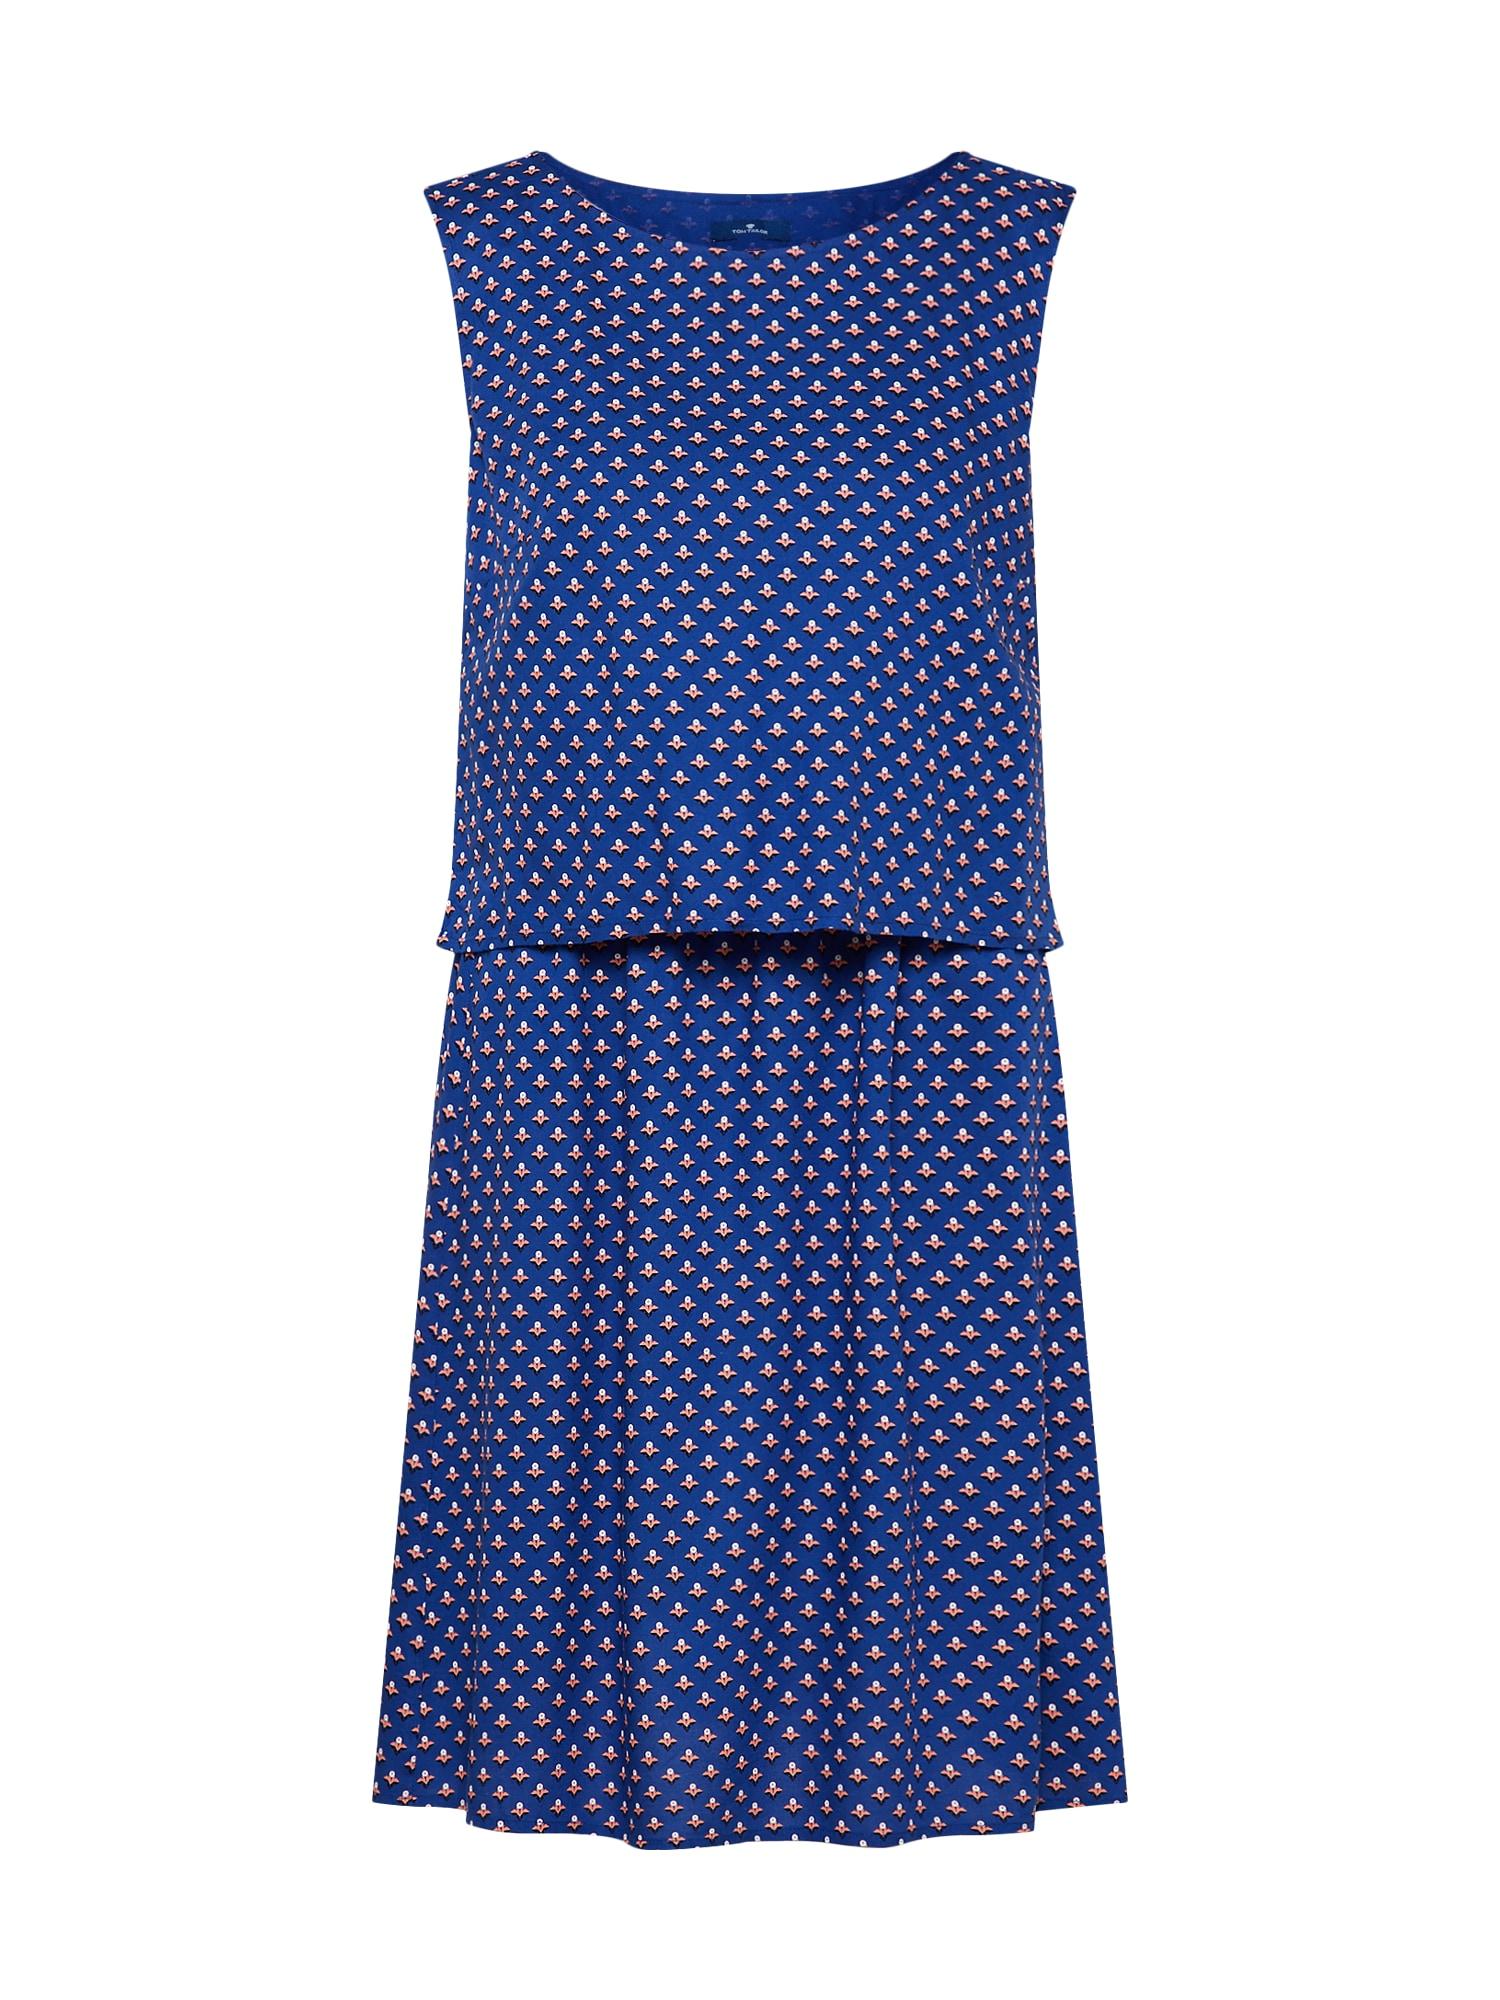 Šaty modrá růžová černá bílá TOM TAILOR